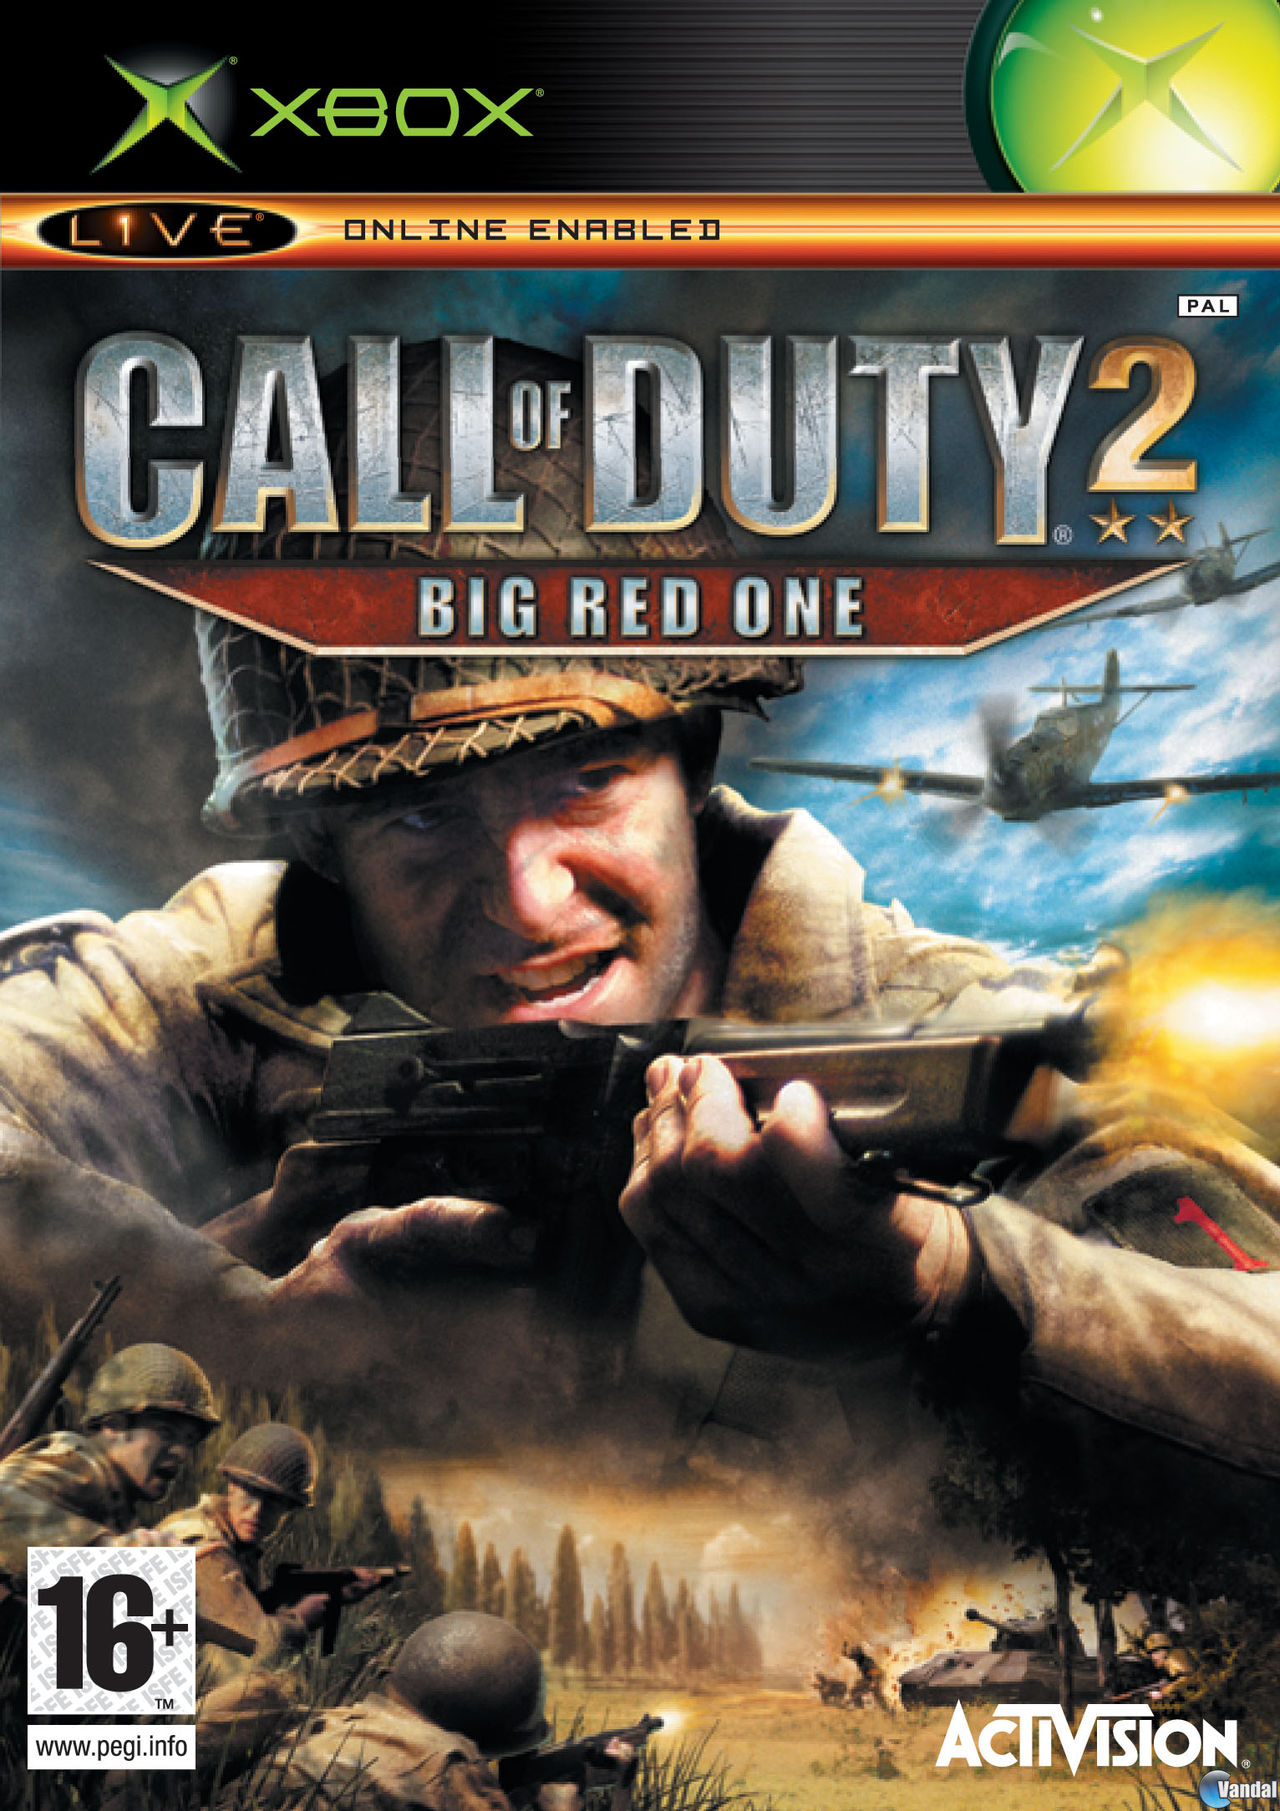 Imagen 15 de Call of Duty 2: Big Red One para Xbox